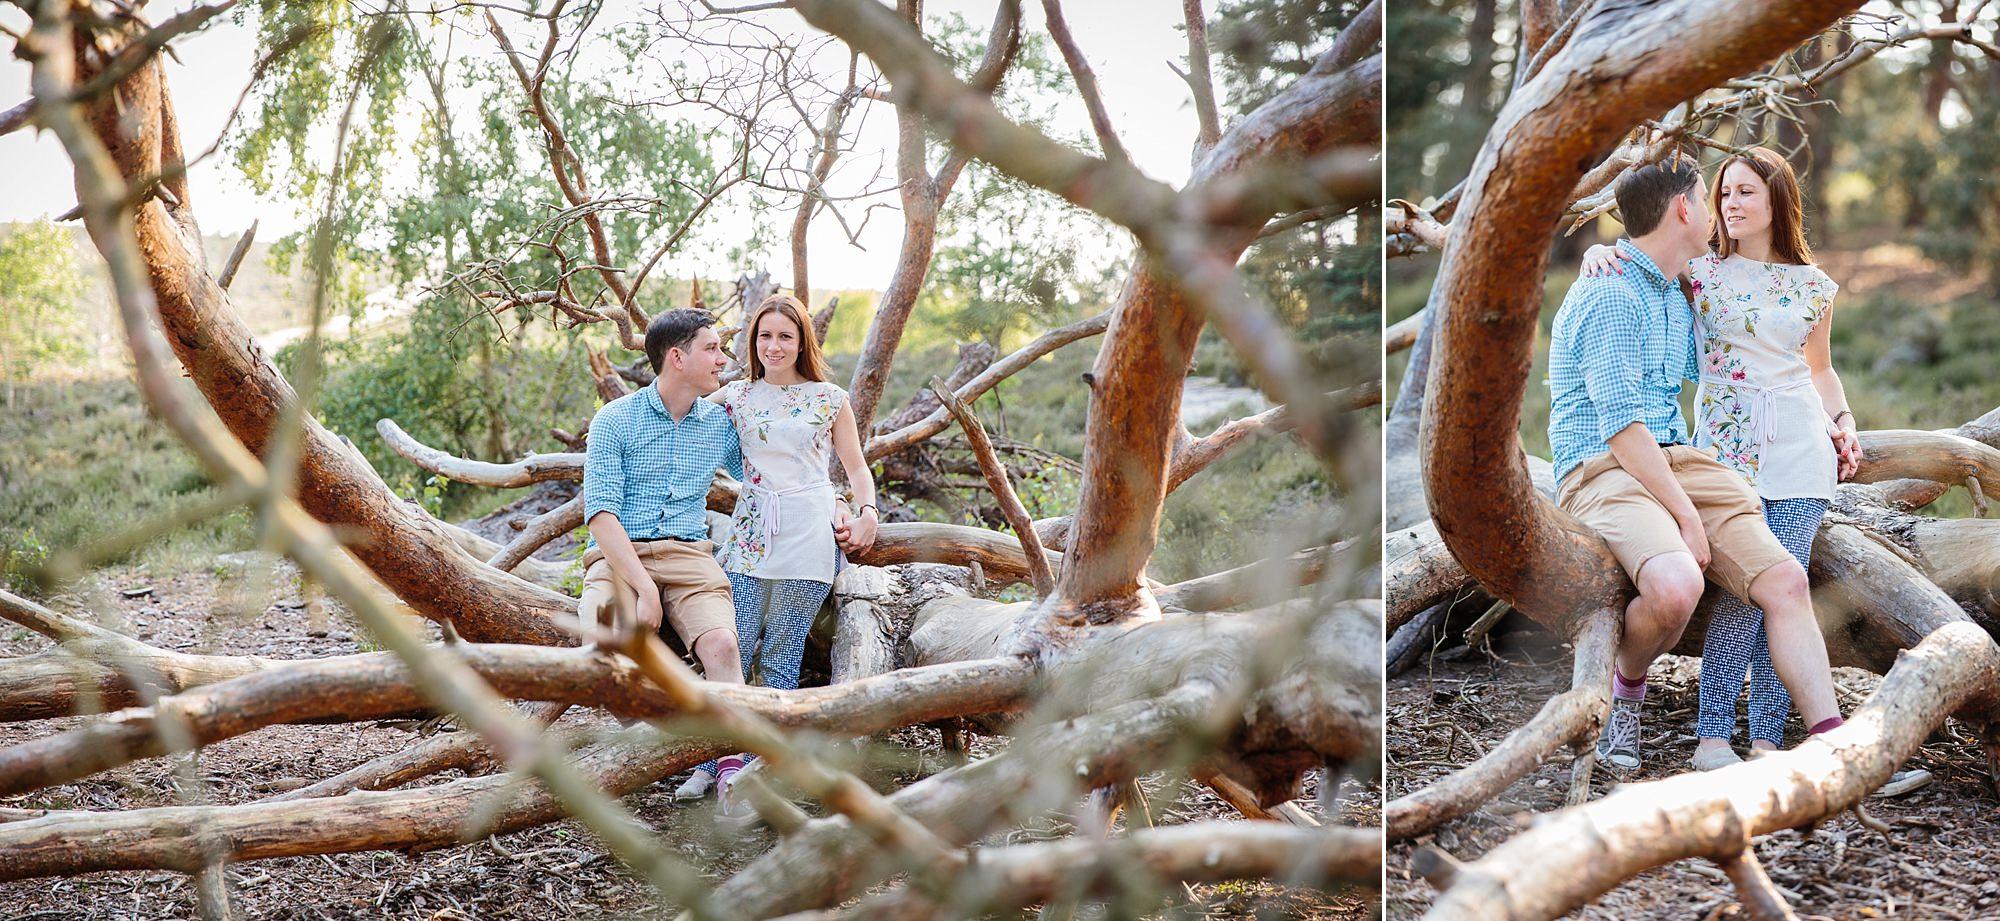 Farnham engagement photography at frensham ponds